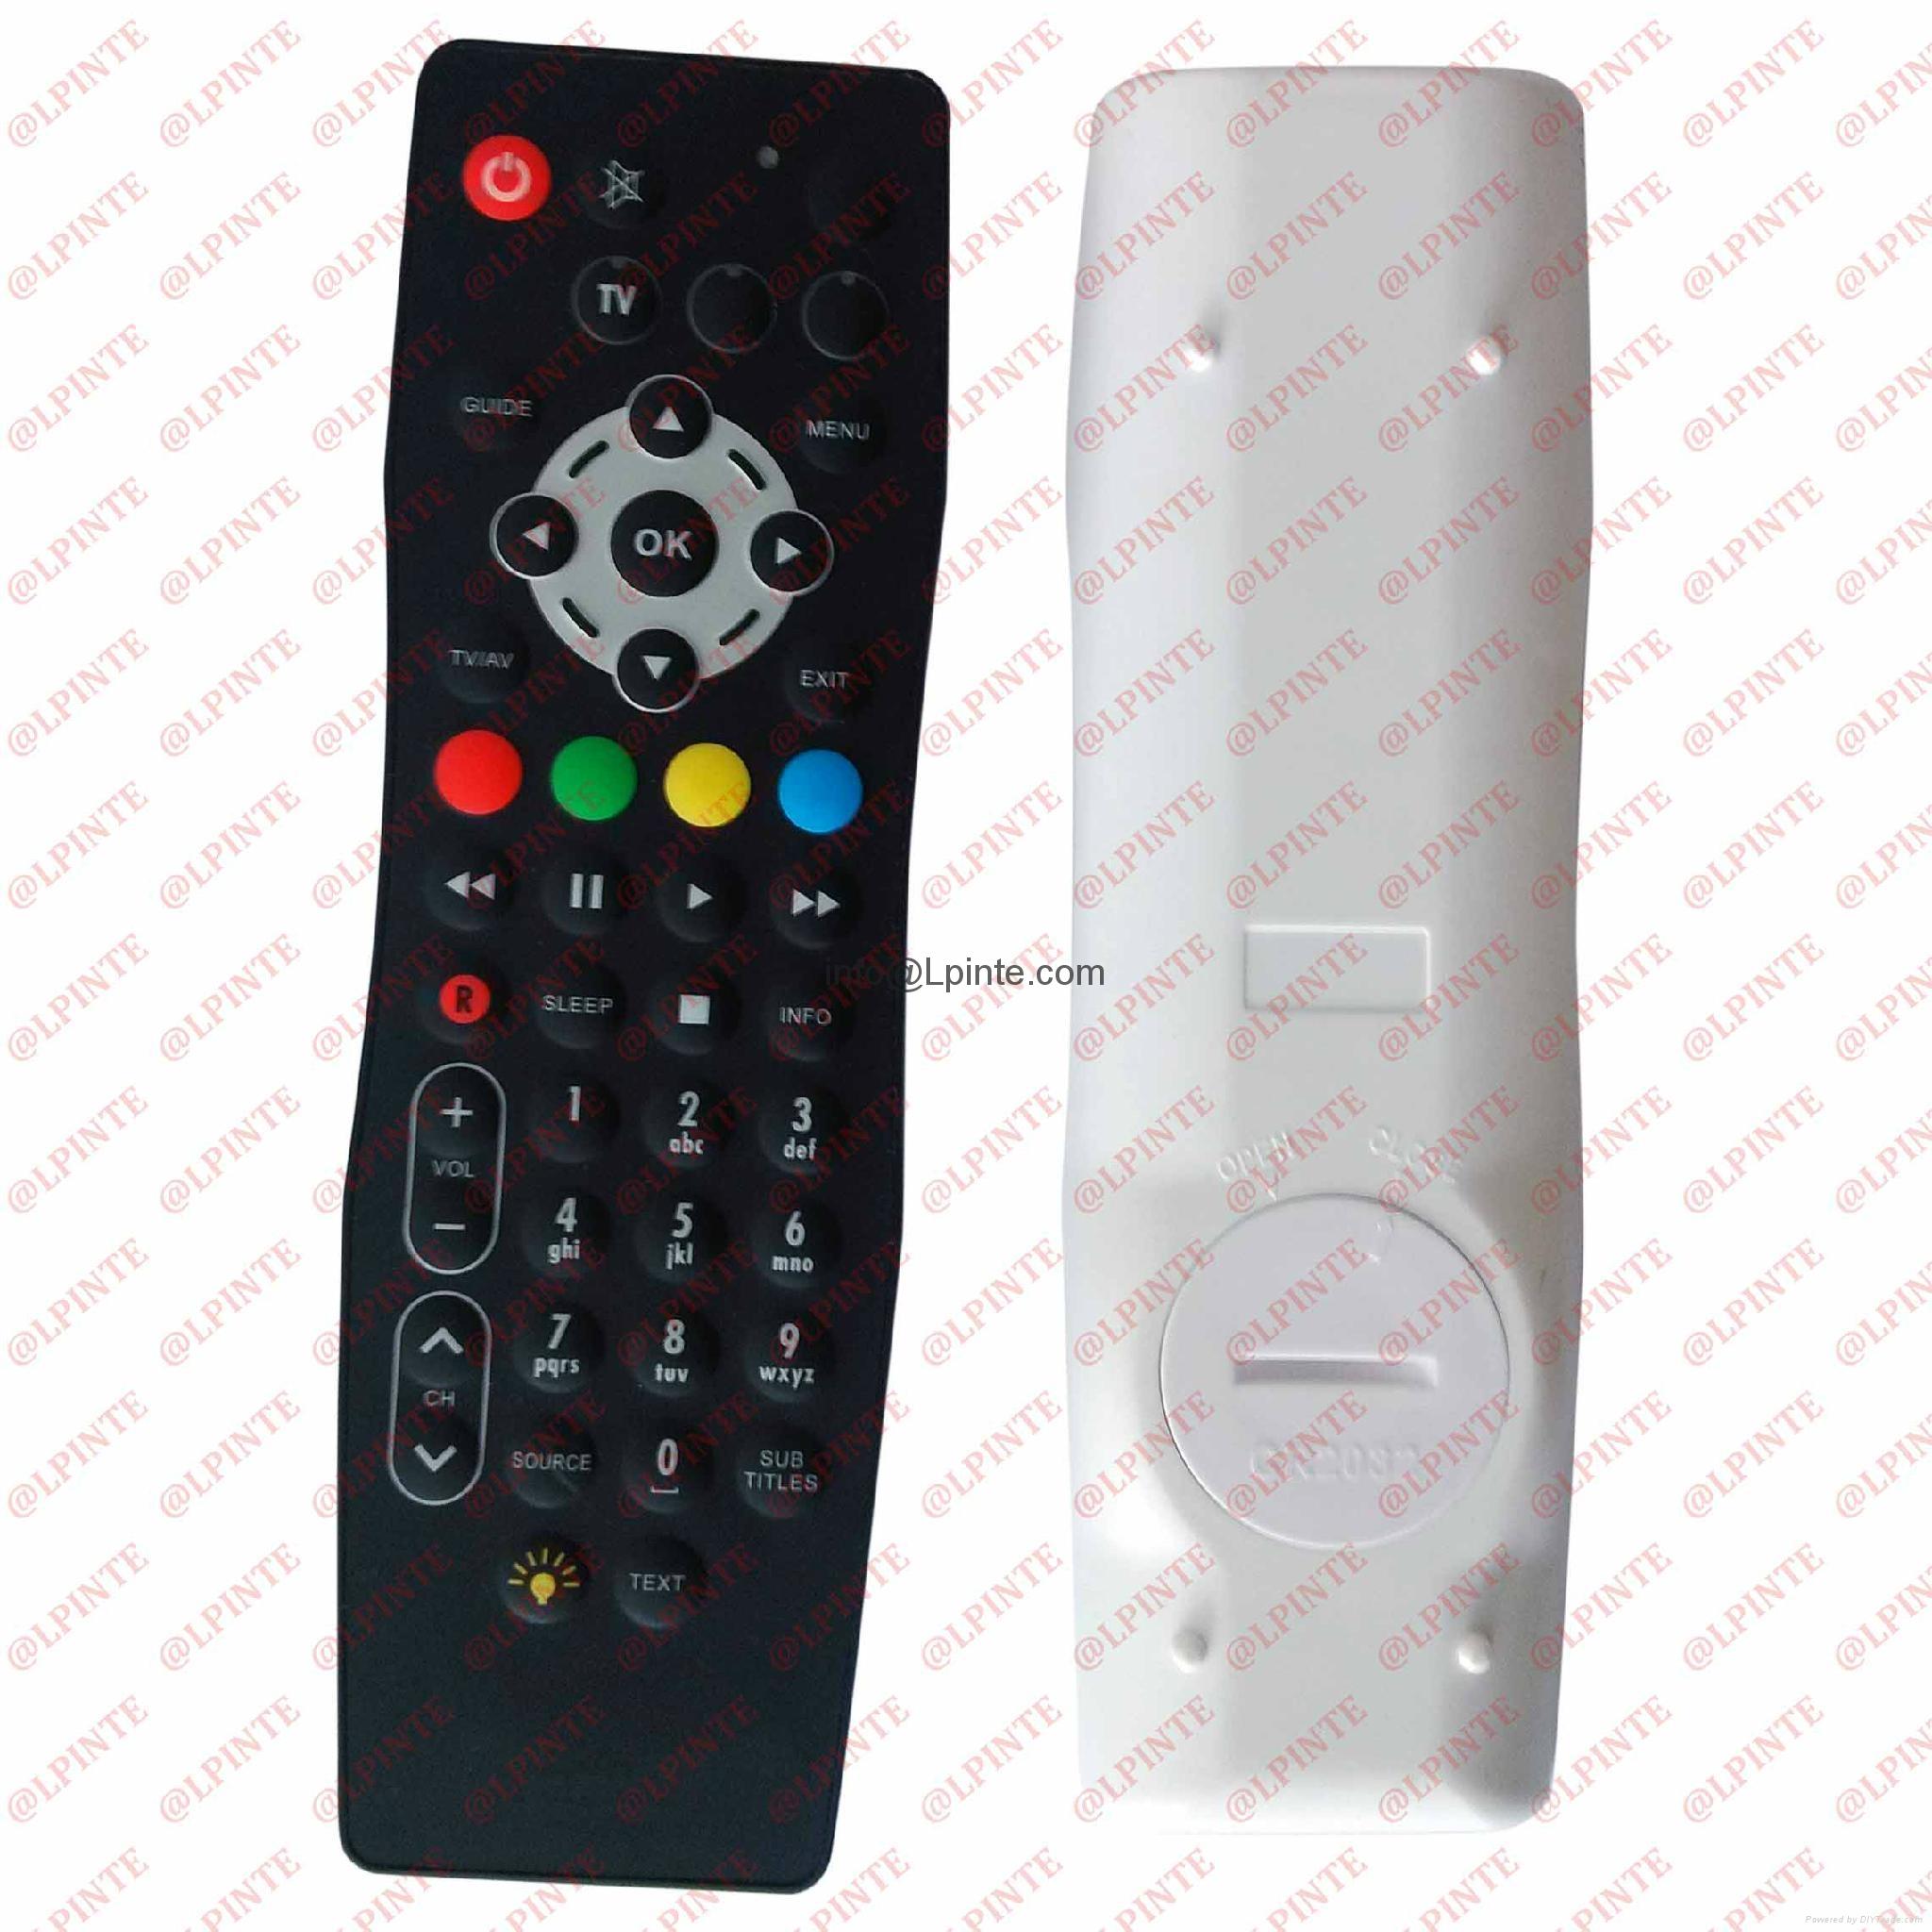 防水遙控器電視機 1